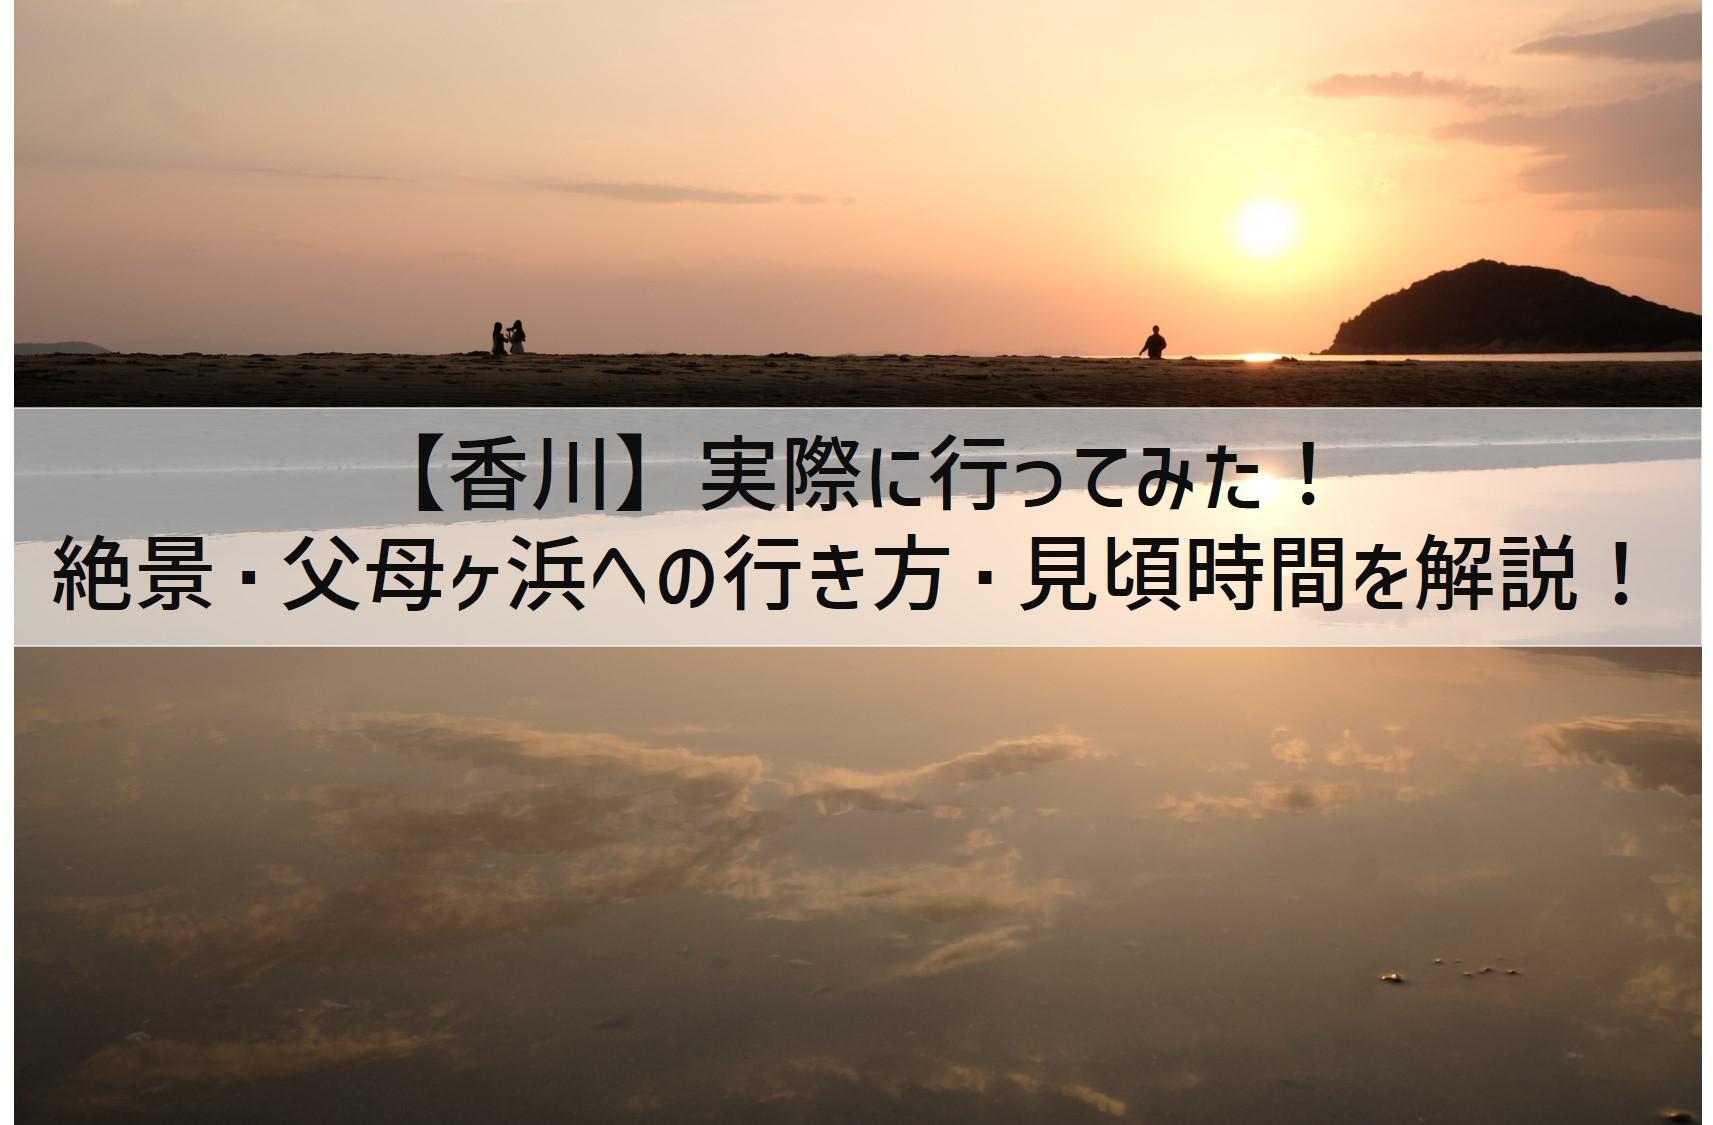 【香川】実際に行ってみた!絶景・父母ヶ浜への行き方・見頃時間を解説!